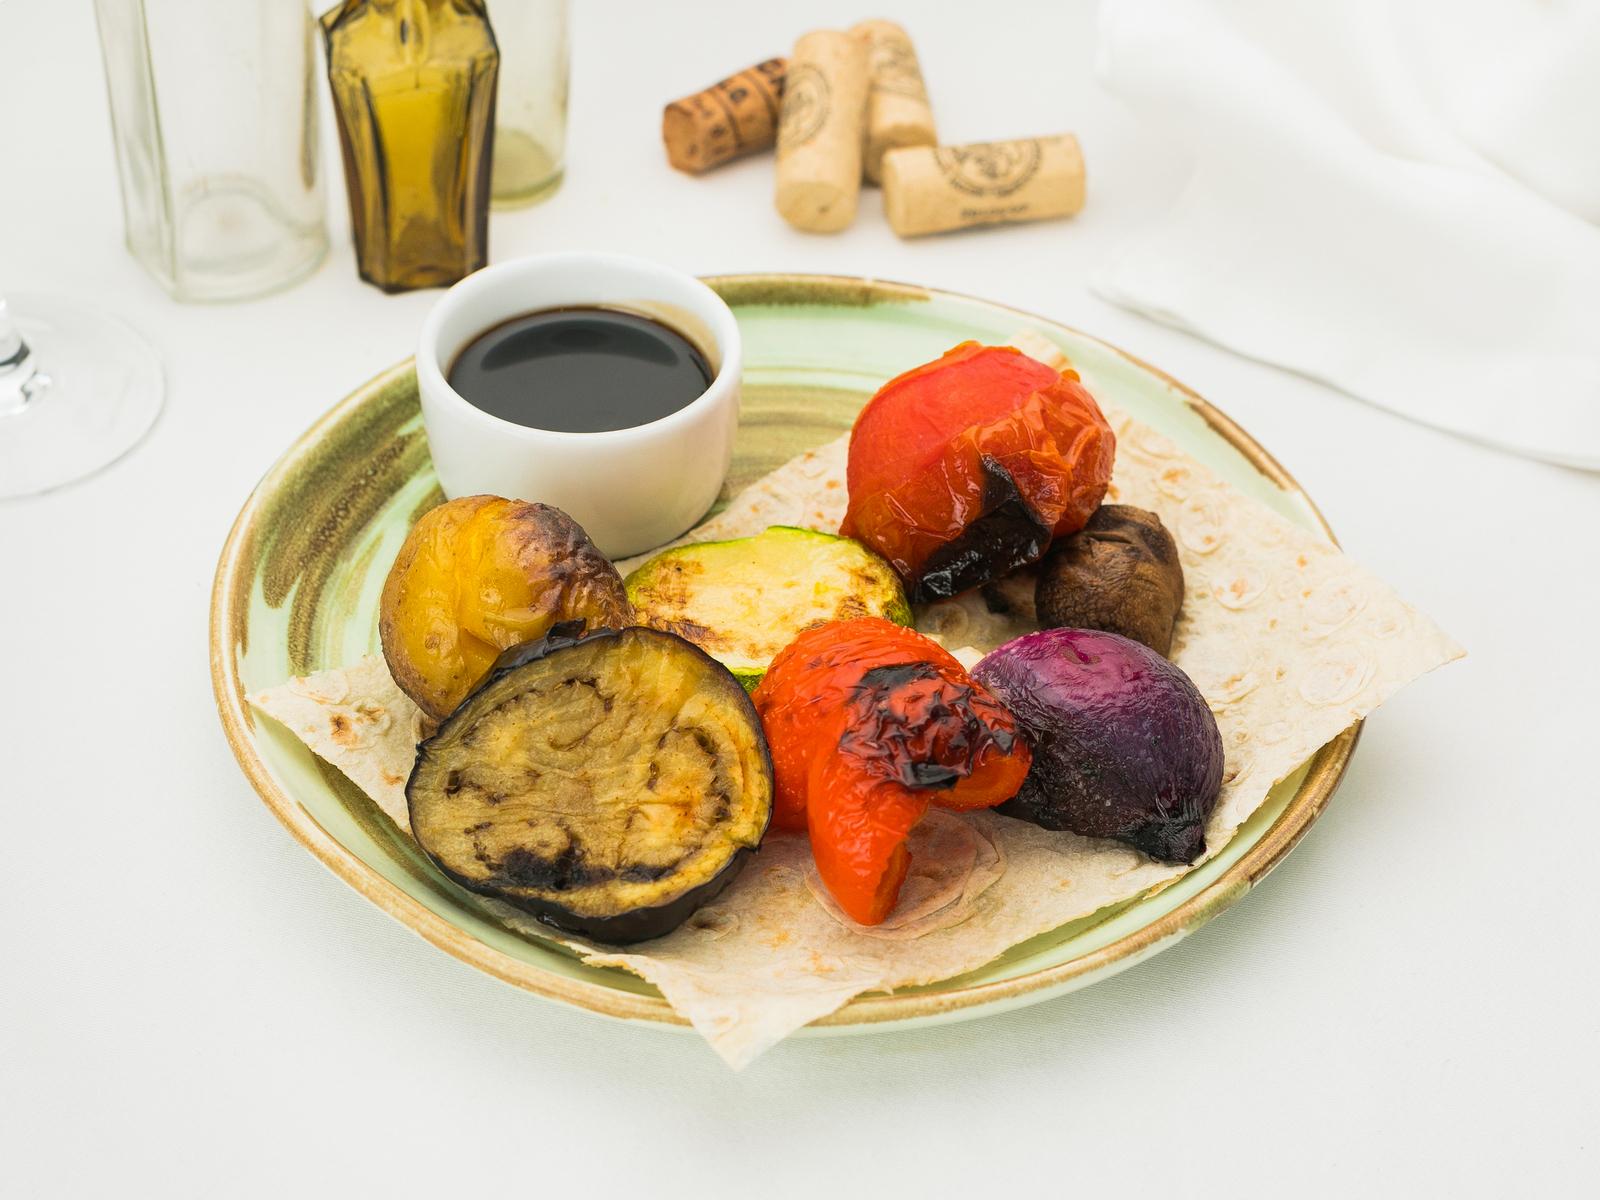 Шашлык из овощей с соусом наршараб